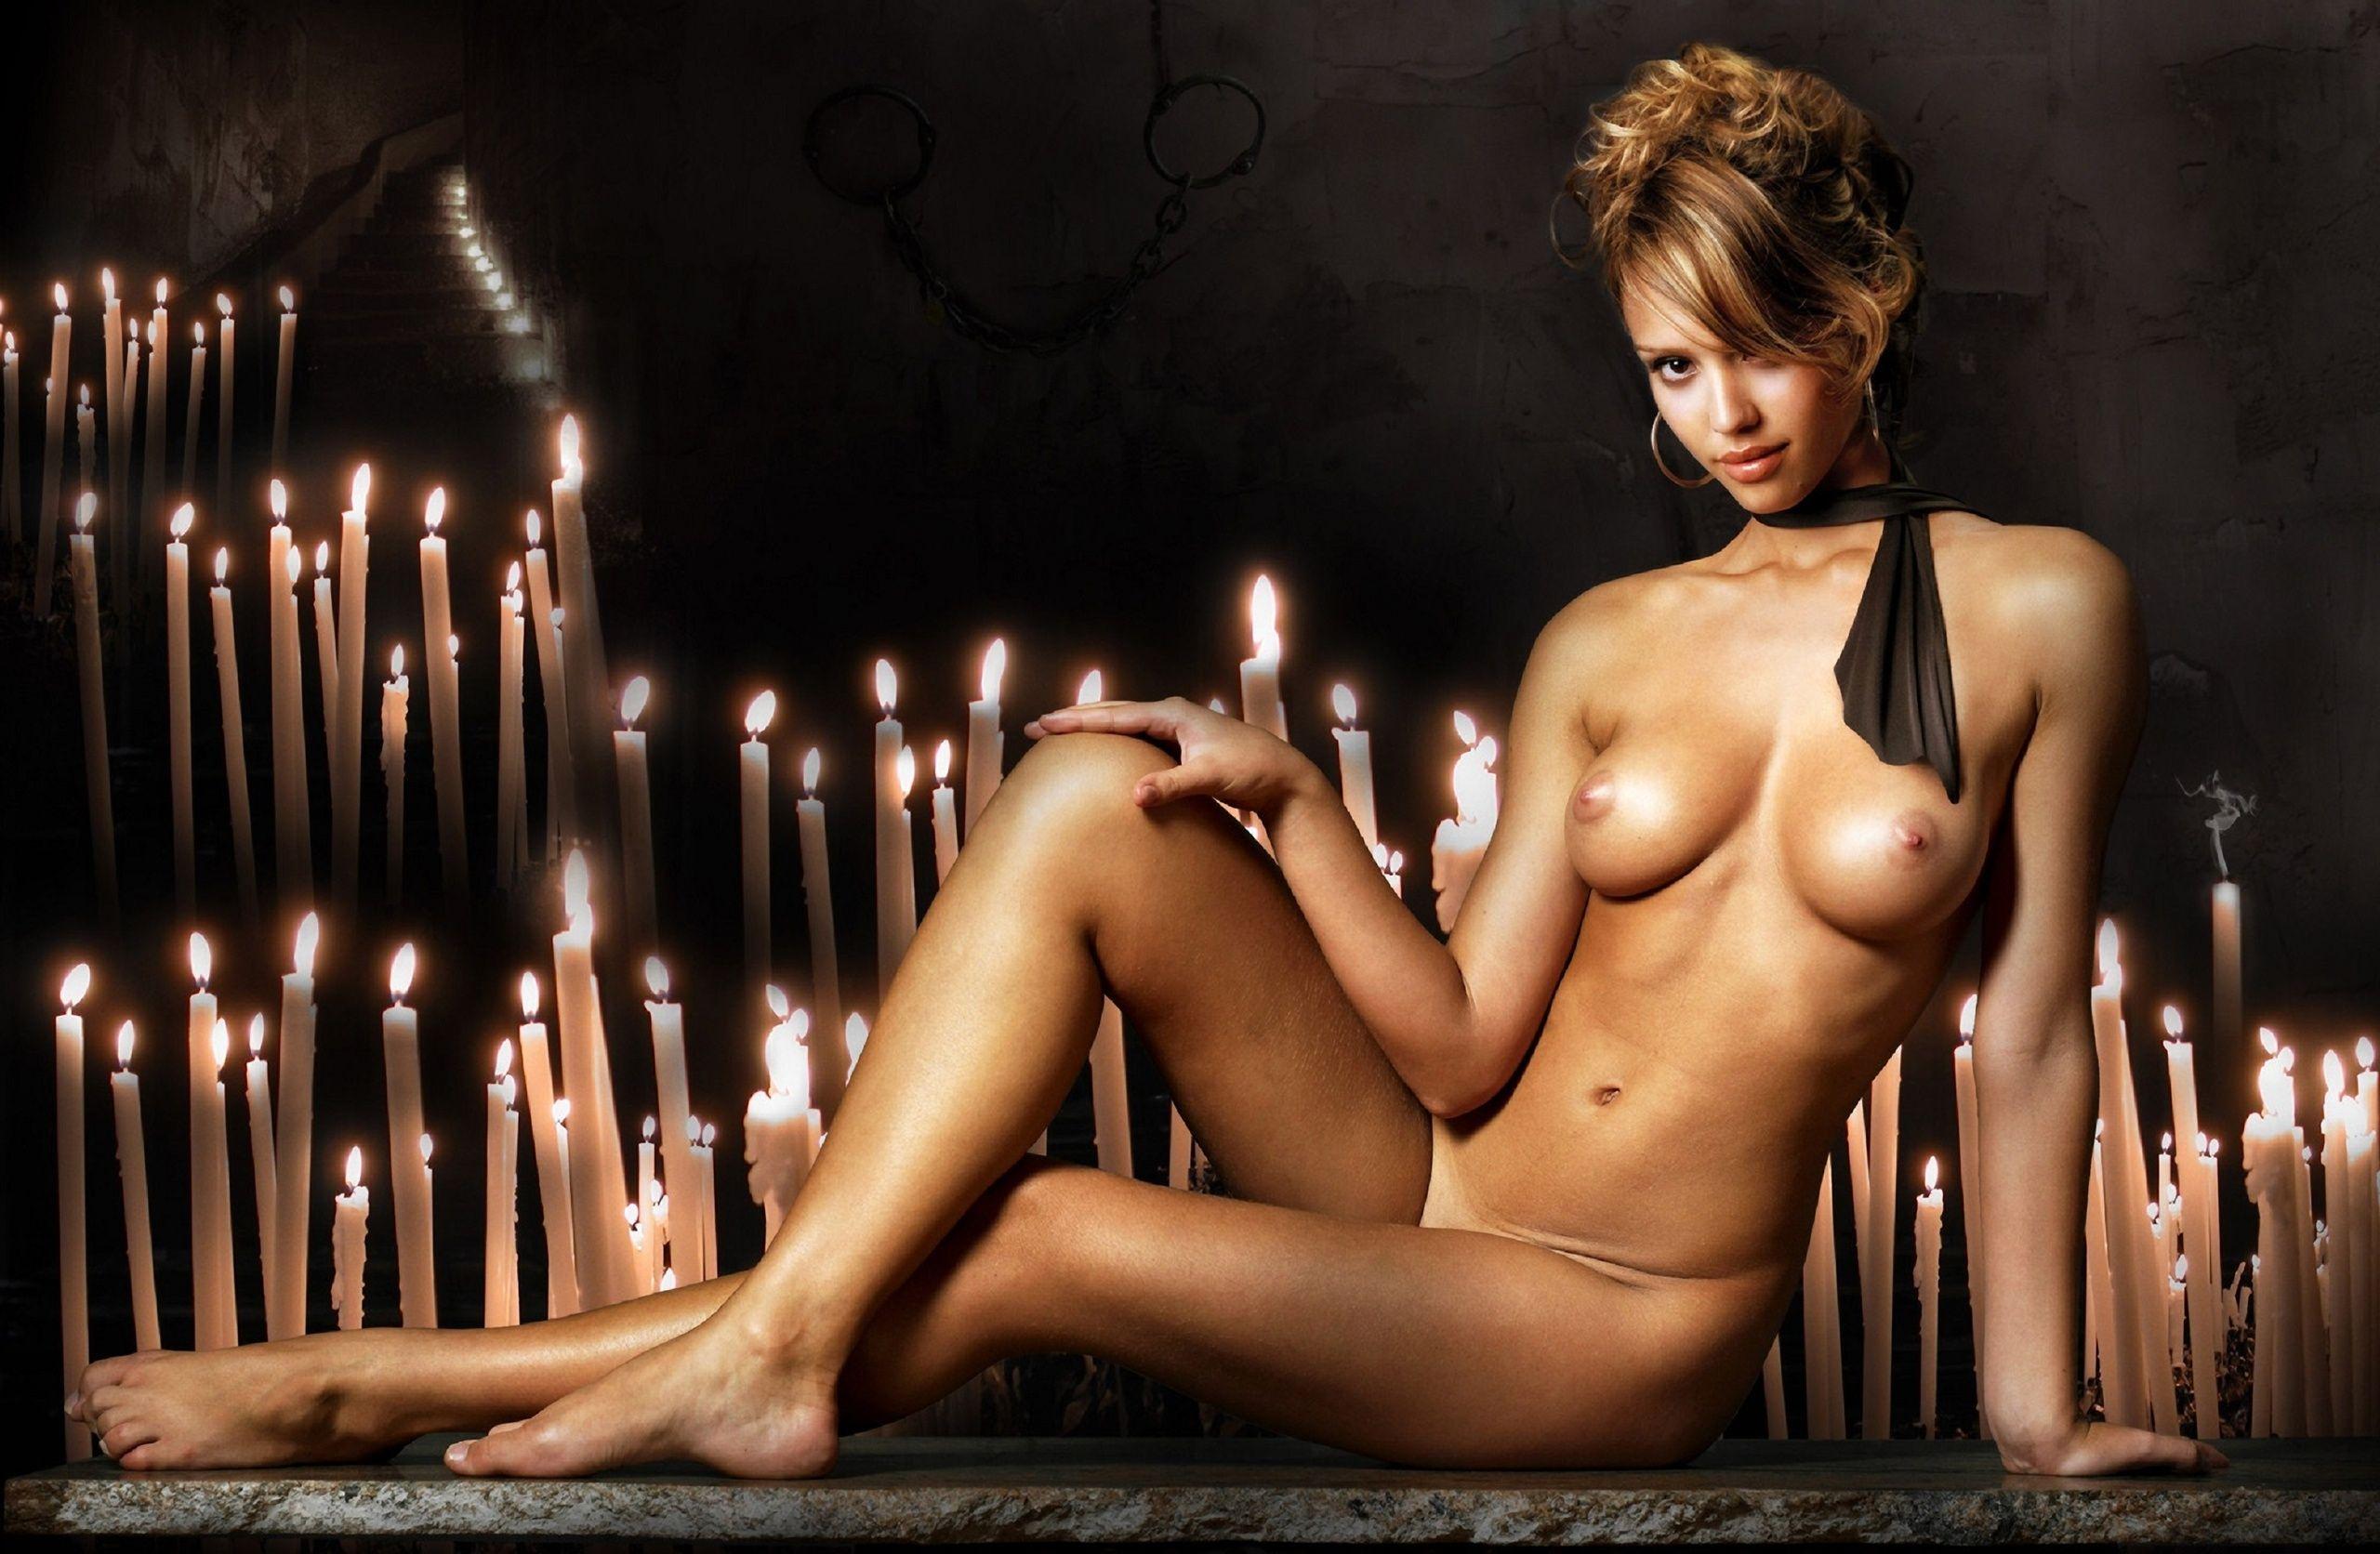 Masher reccomend Alba jessica nude wallpaper